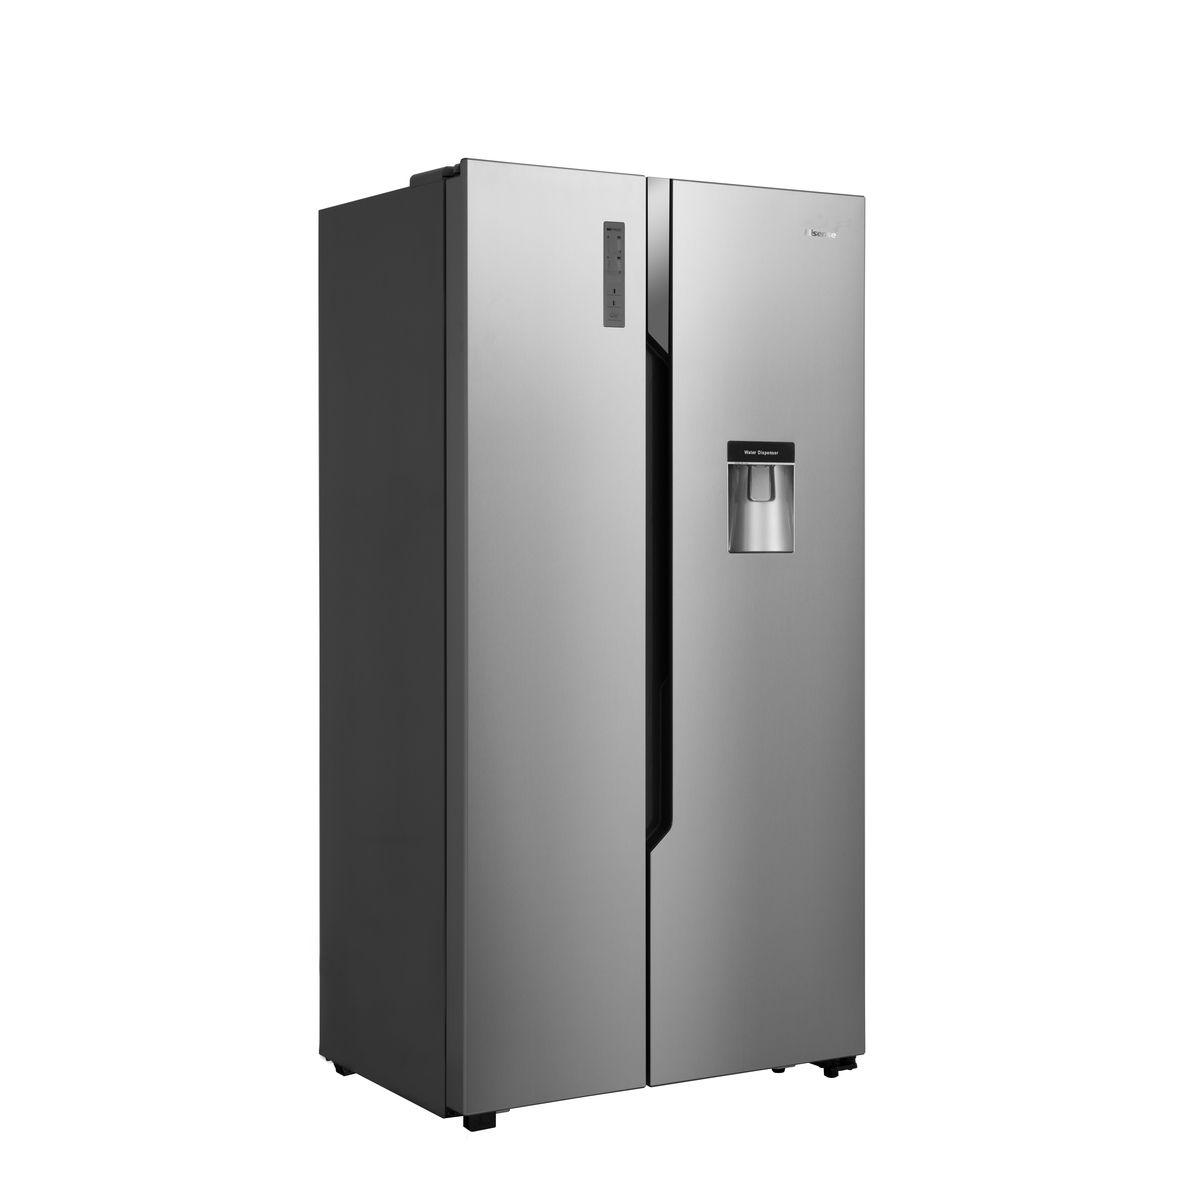 Réfrigérateur Américain RS669N4WC1, 515 L, Froid No Frost